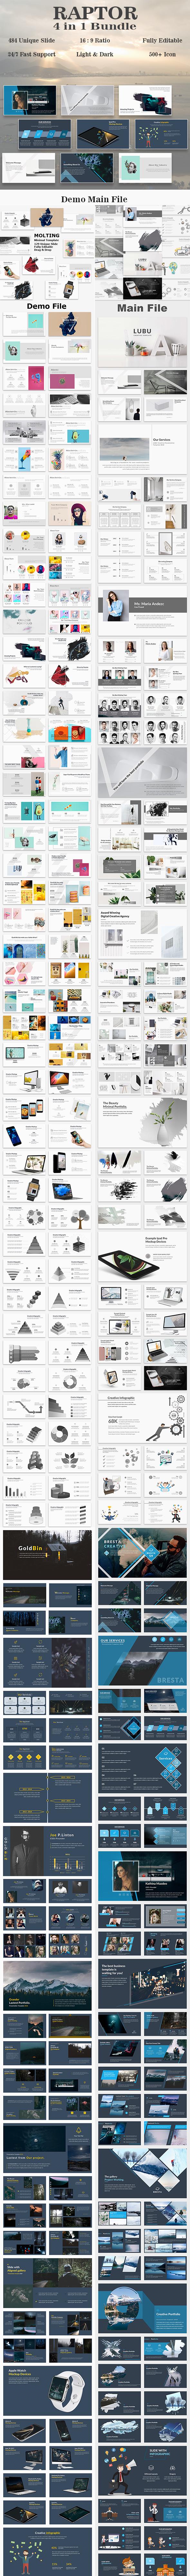 Raptor Bundle 4 in 1 Minimal Keynote Template - Creative Keynote Templates